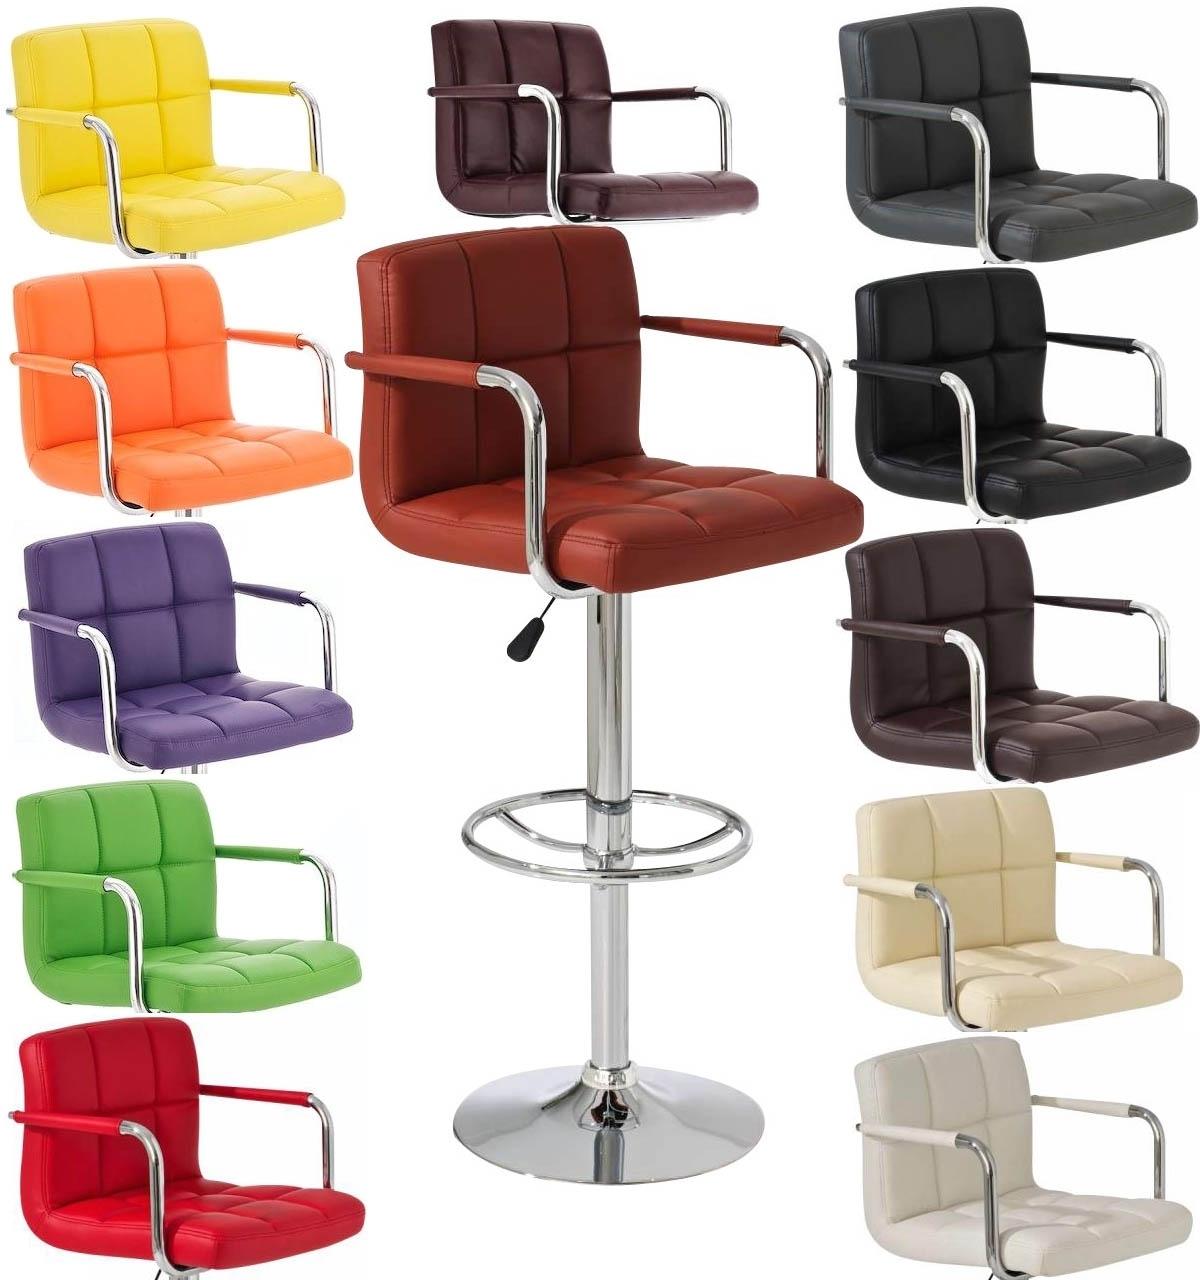 fauteuil tabouret bar maison et mobilier d 39 int rieur. Black Bedroom Furniture Sets. Home Design Ideas